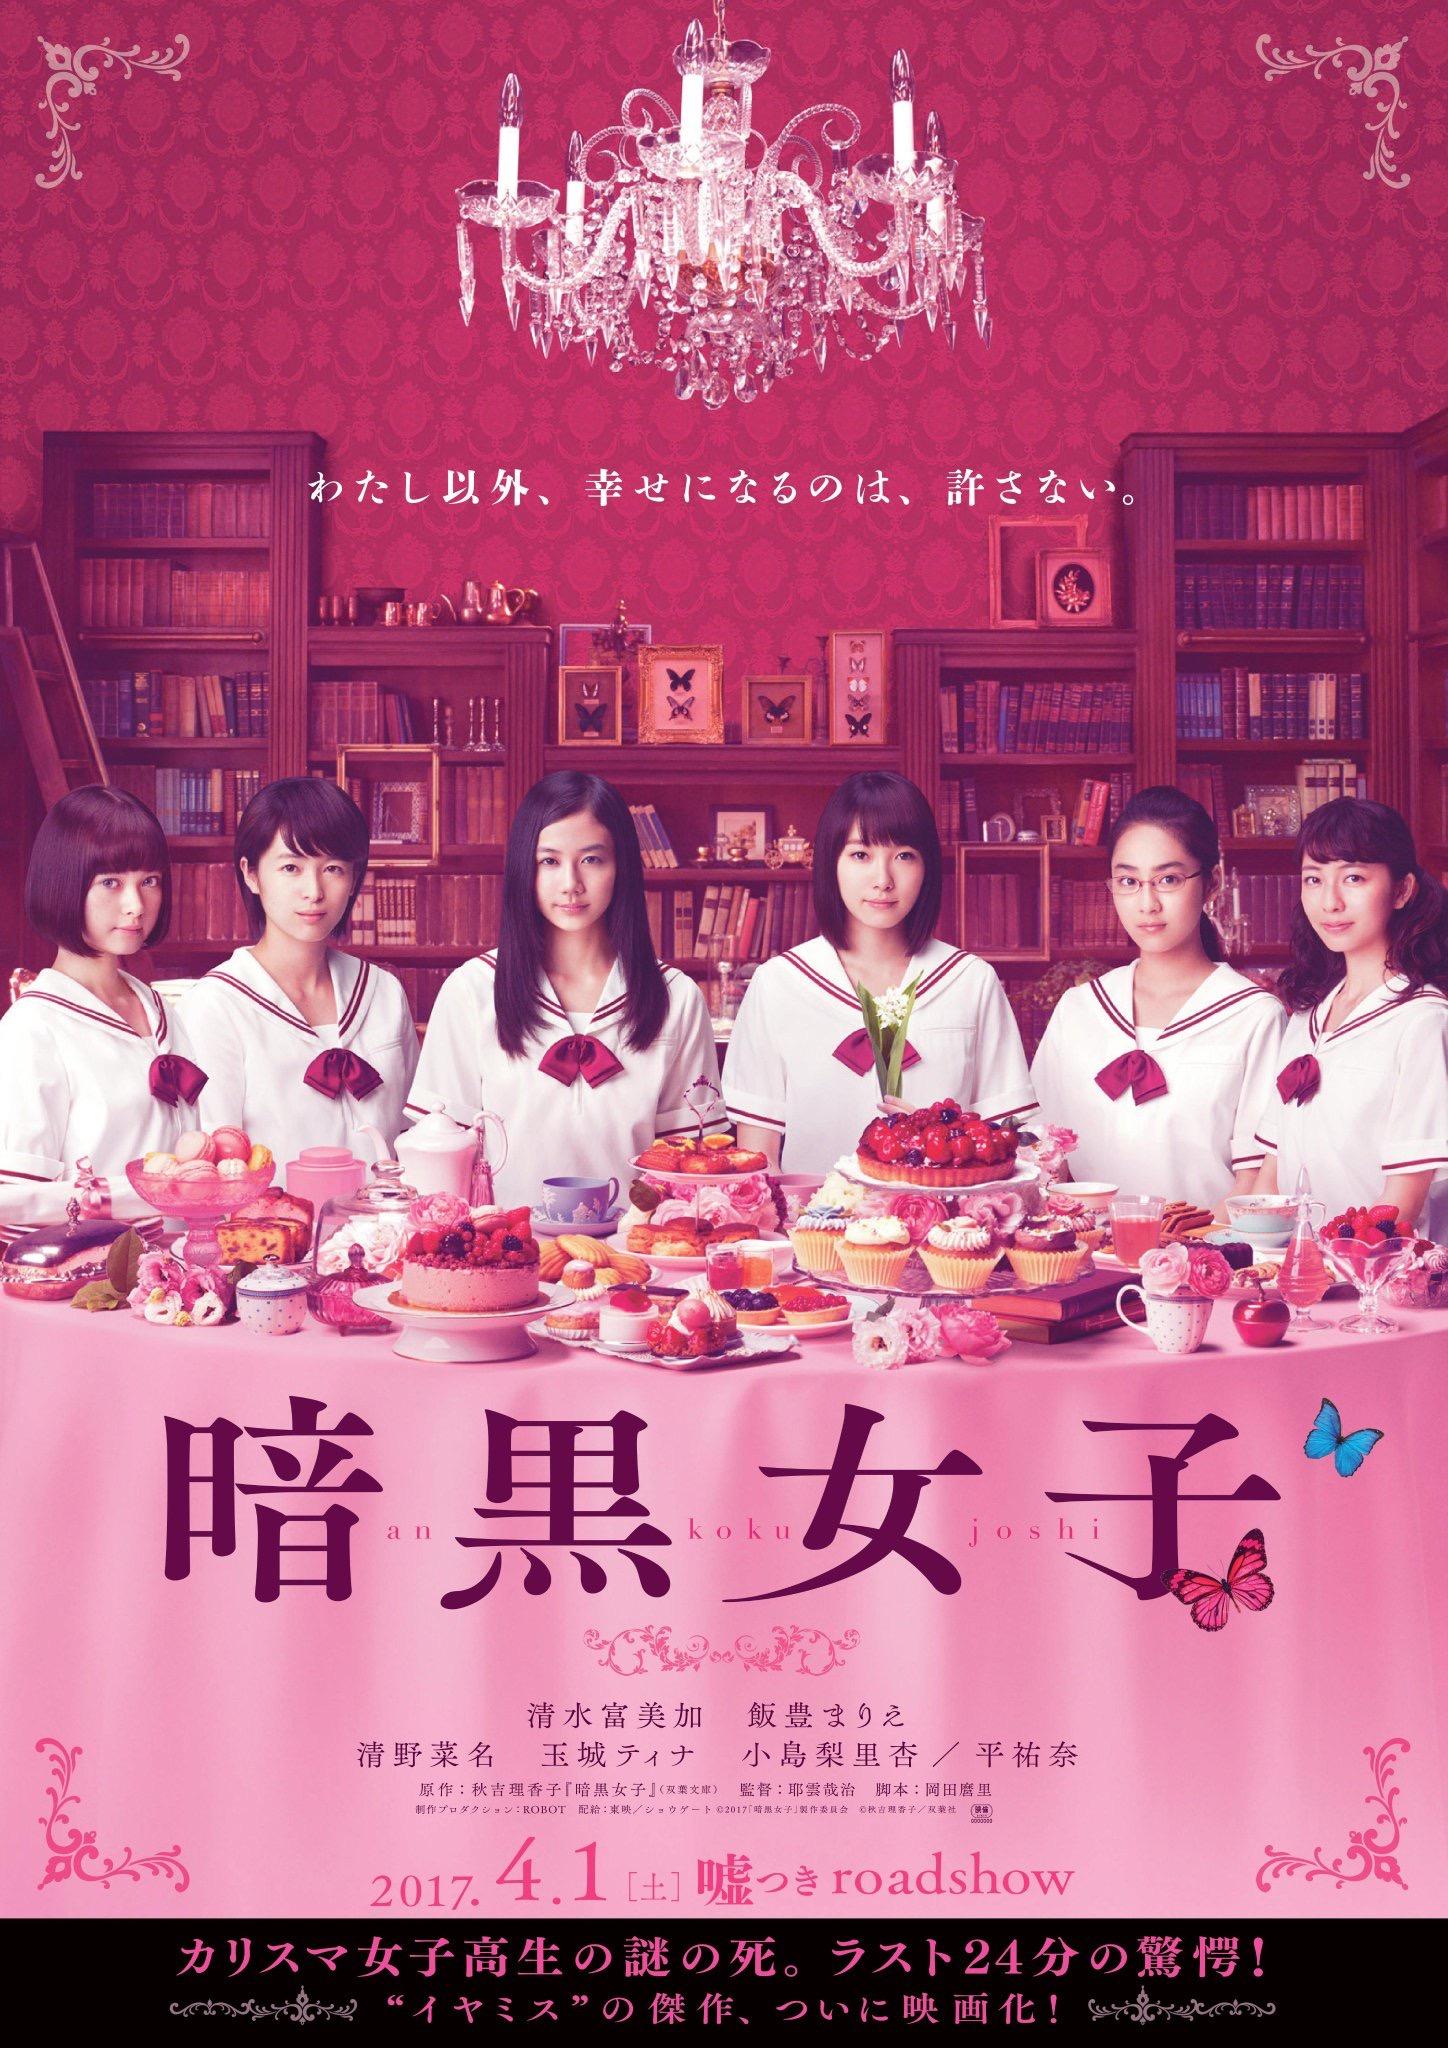 ดูหนังออนไลน์ Ankoku joshi (2017)